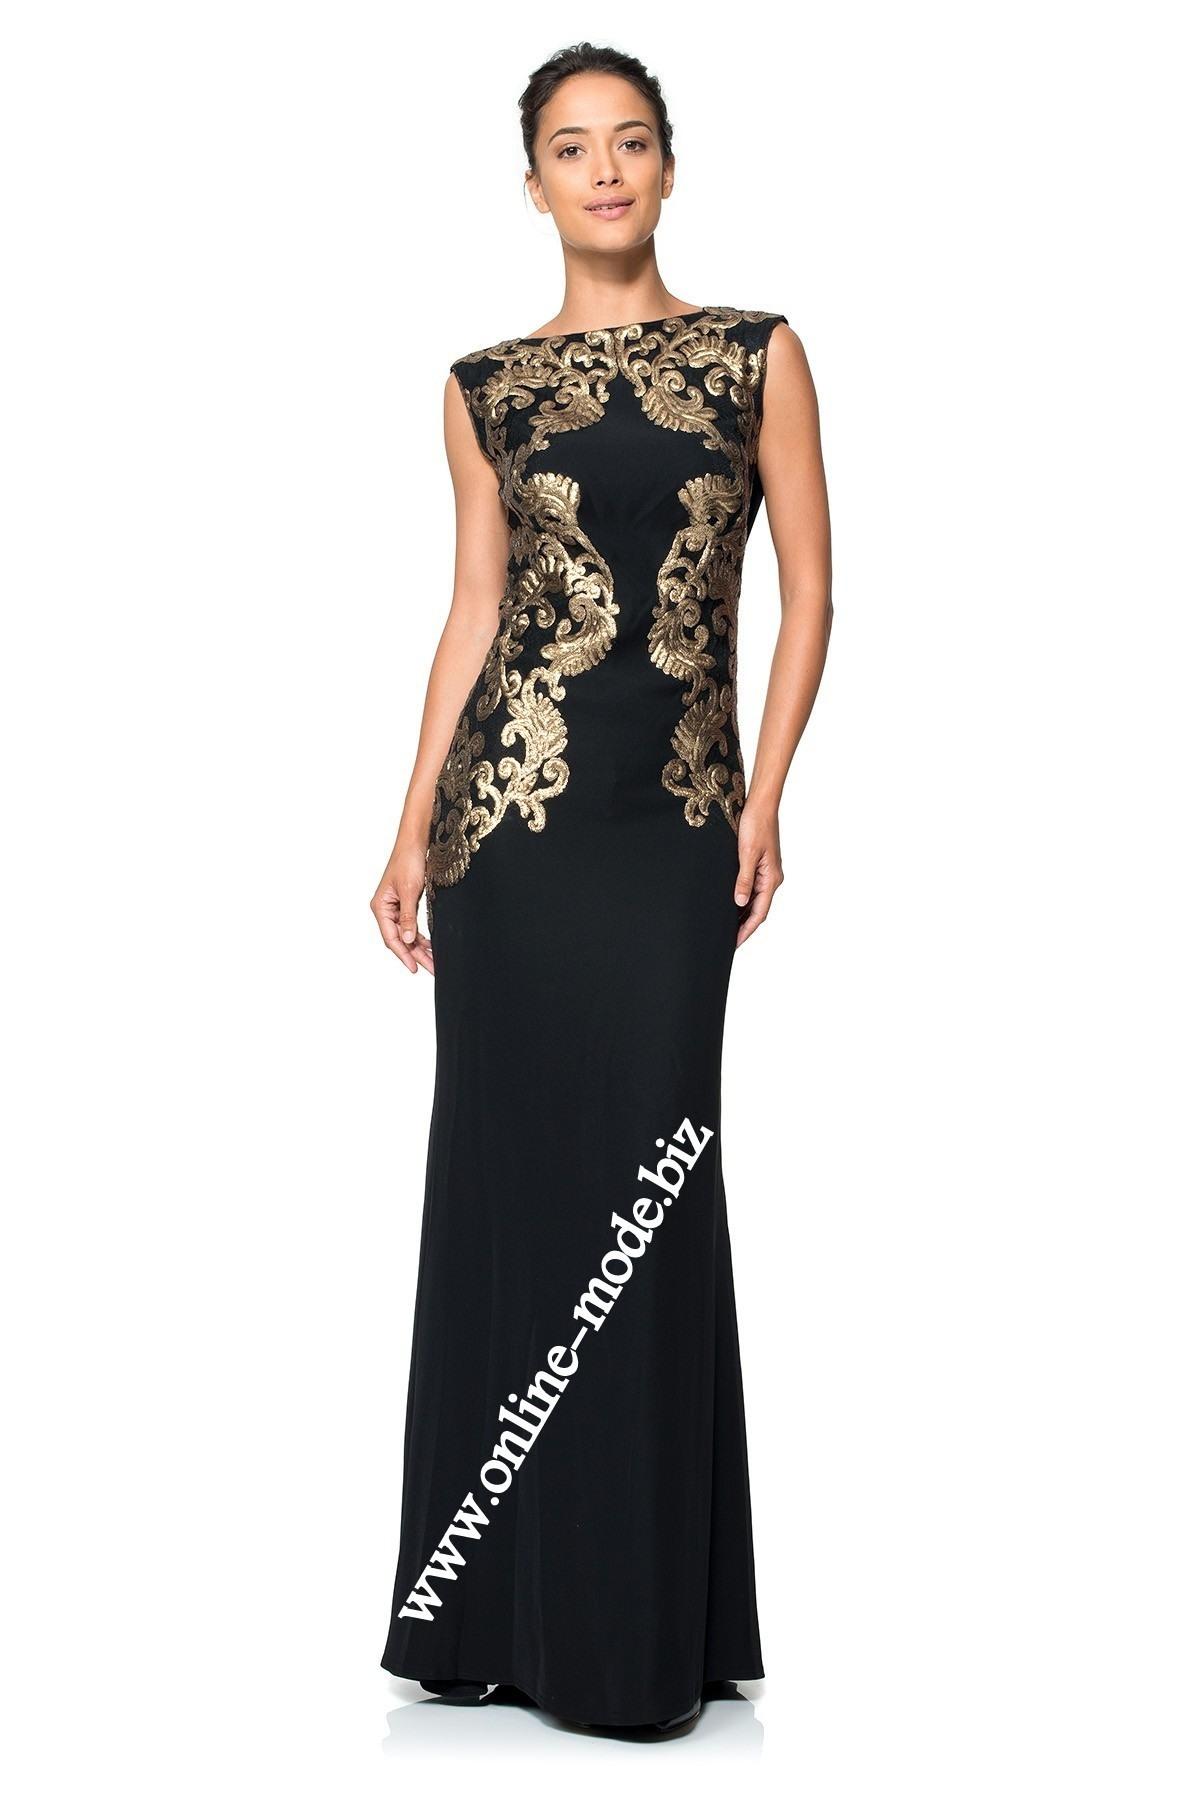 13 Fantastisch Abendkleid Lang Schwarz Gold für 201915 Genial Abendkleid Lang Schwarz Gold Vertrieb